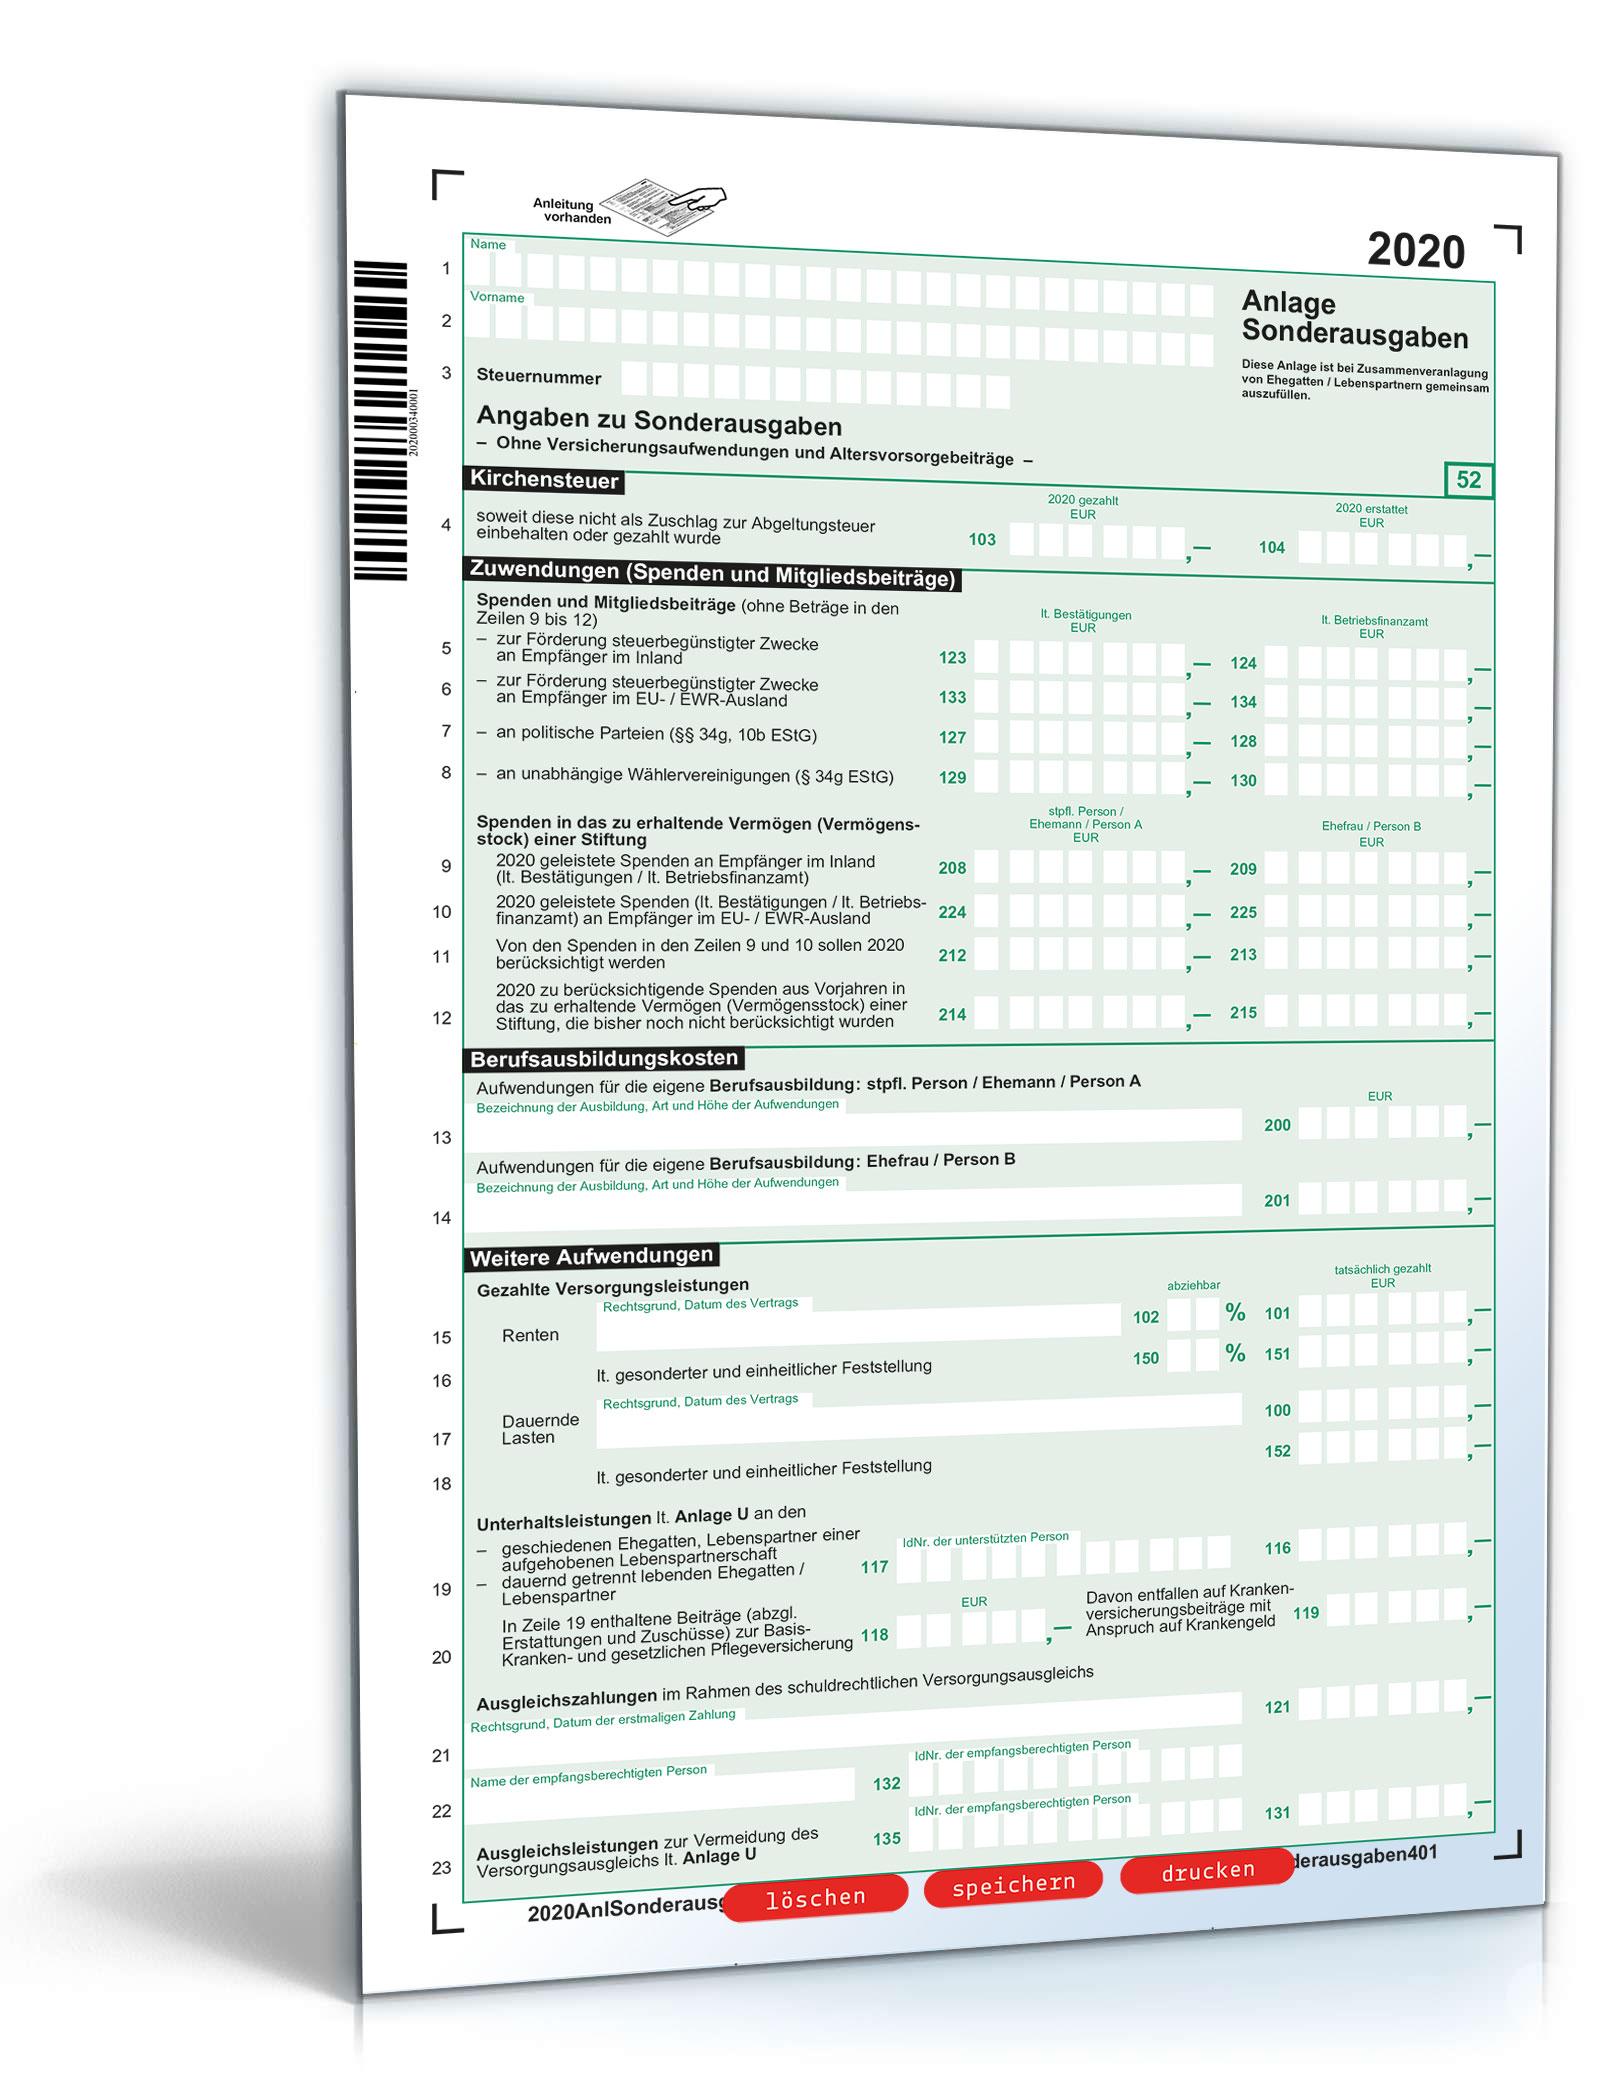 Anlage Sonderausgaben 2020 Dokument zum Download